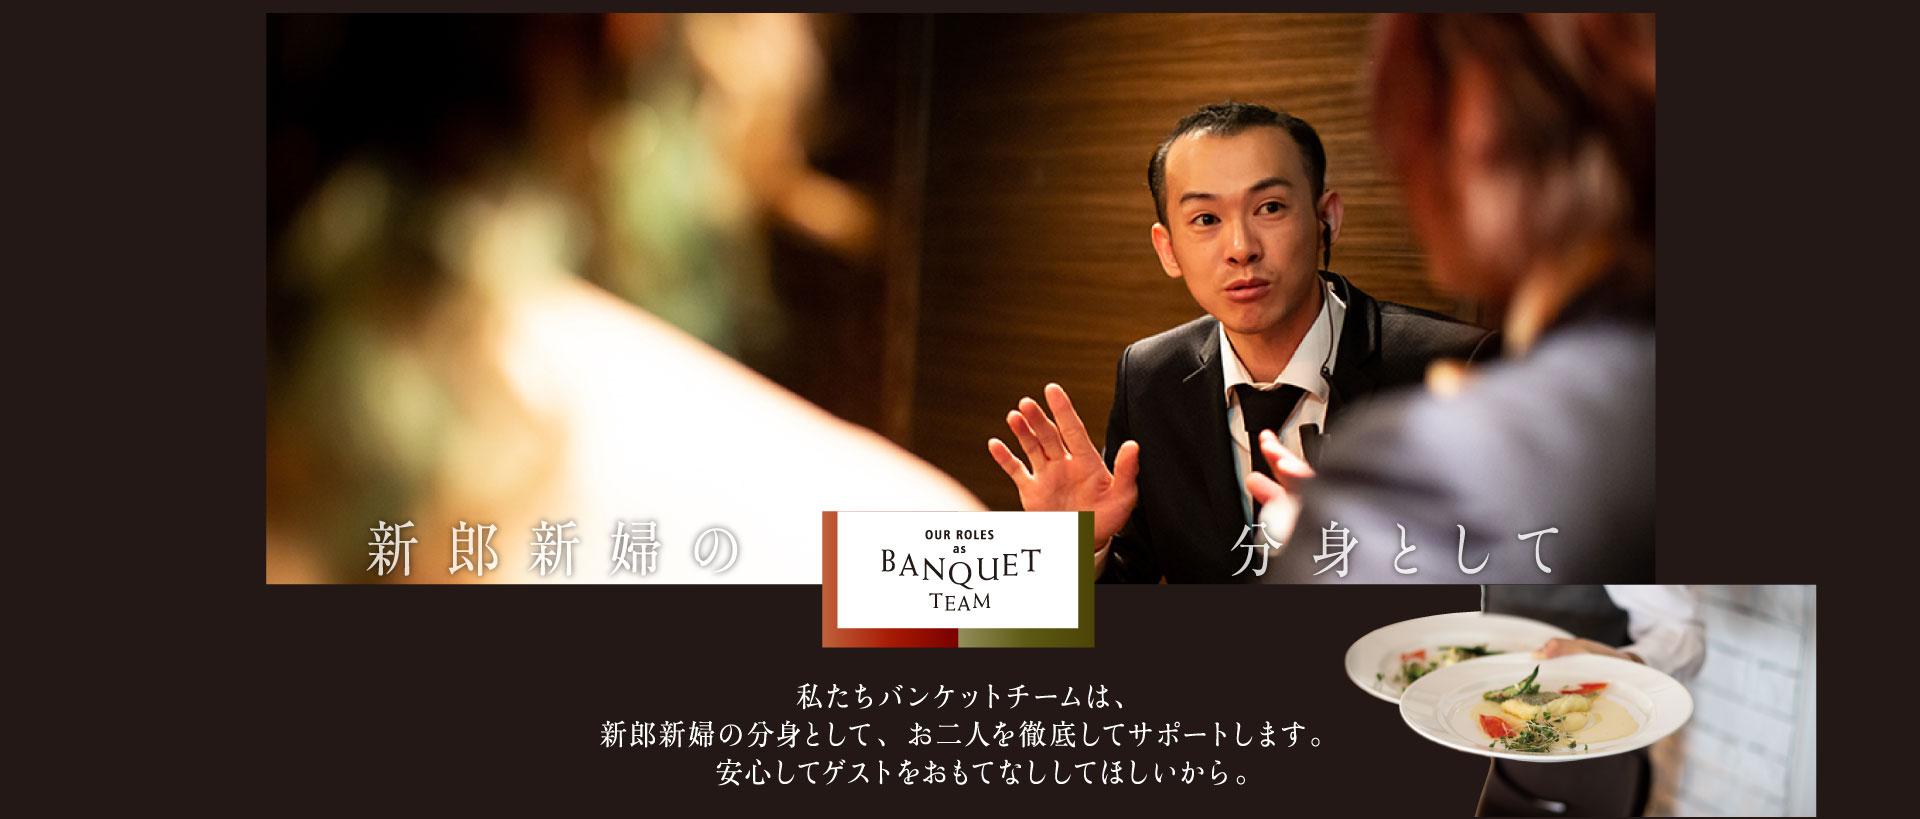 ザ マグリット | 岡山県岡山市の結婚式場・パーティーウェディング・おもてなしウェディング バンケットチーム